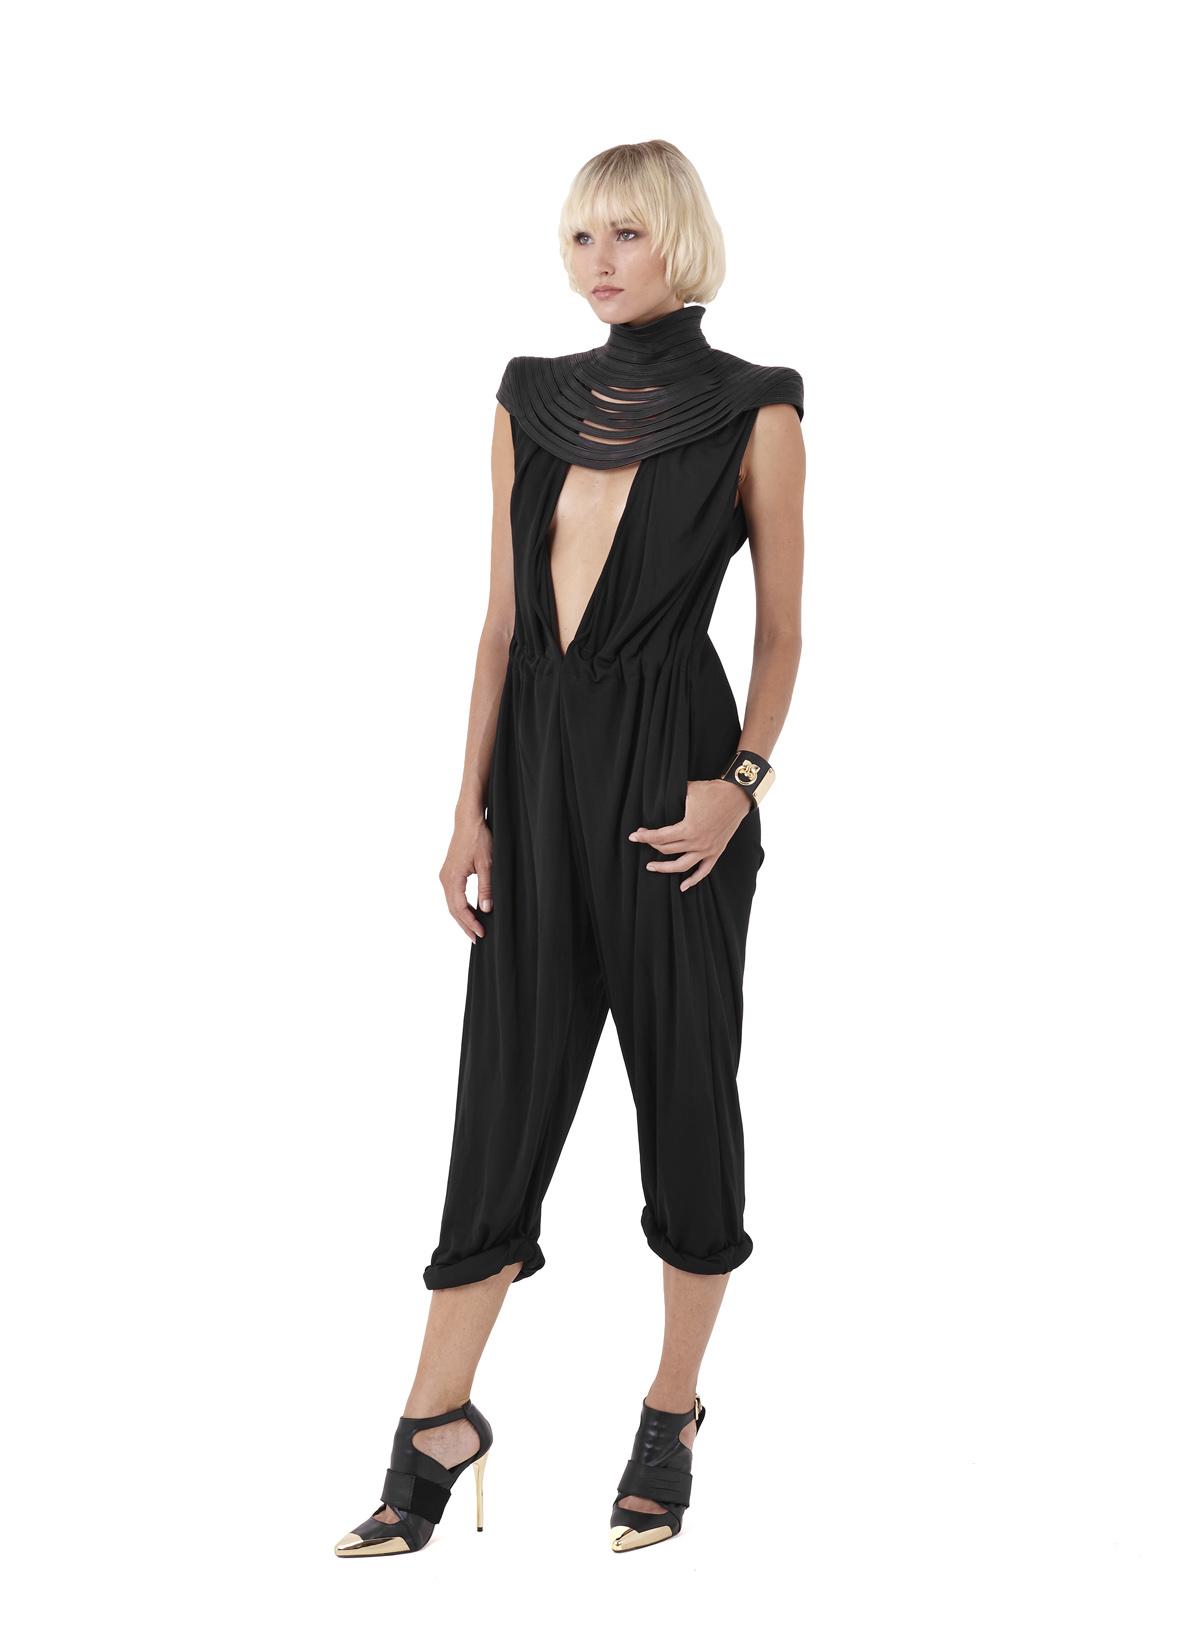 Obsidian shoulders & Andesine jumper